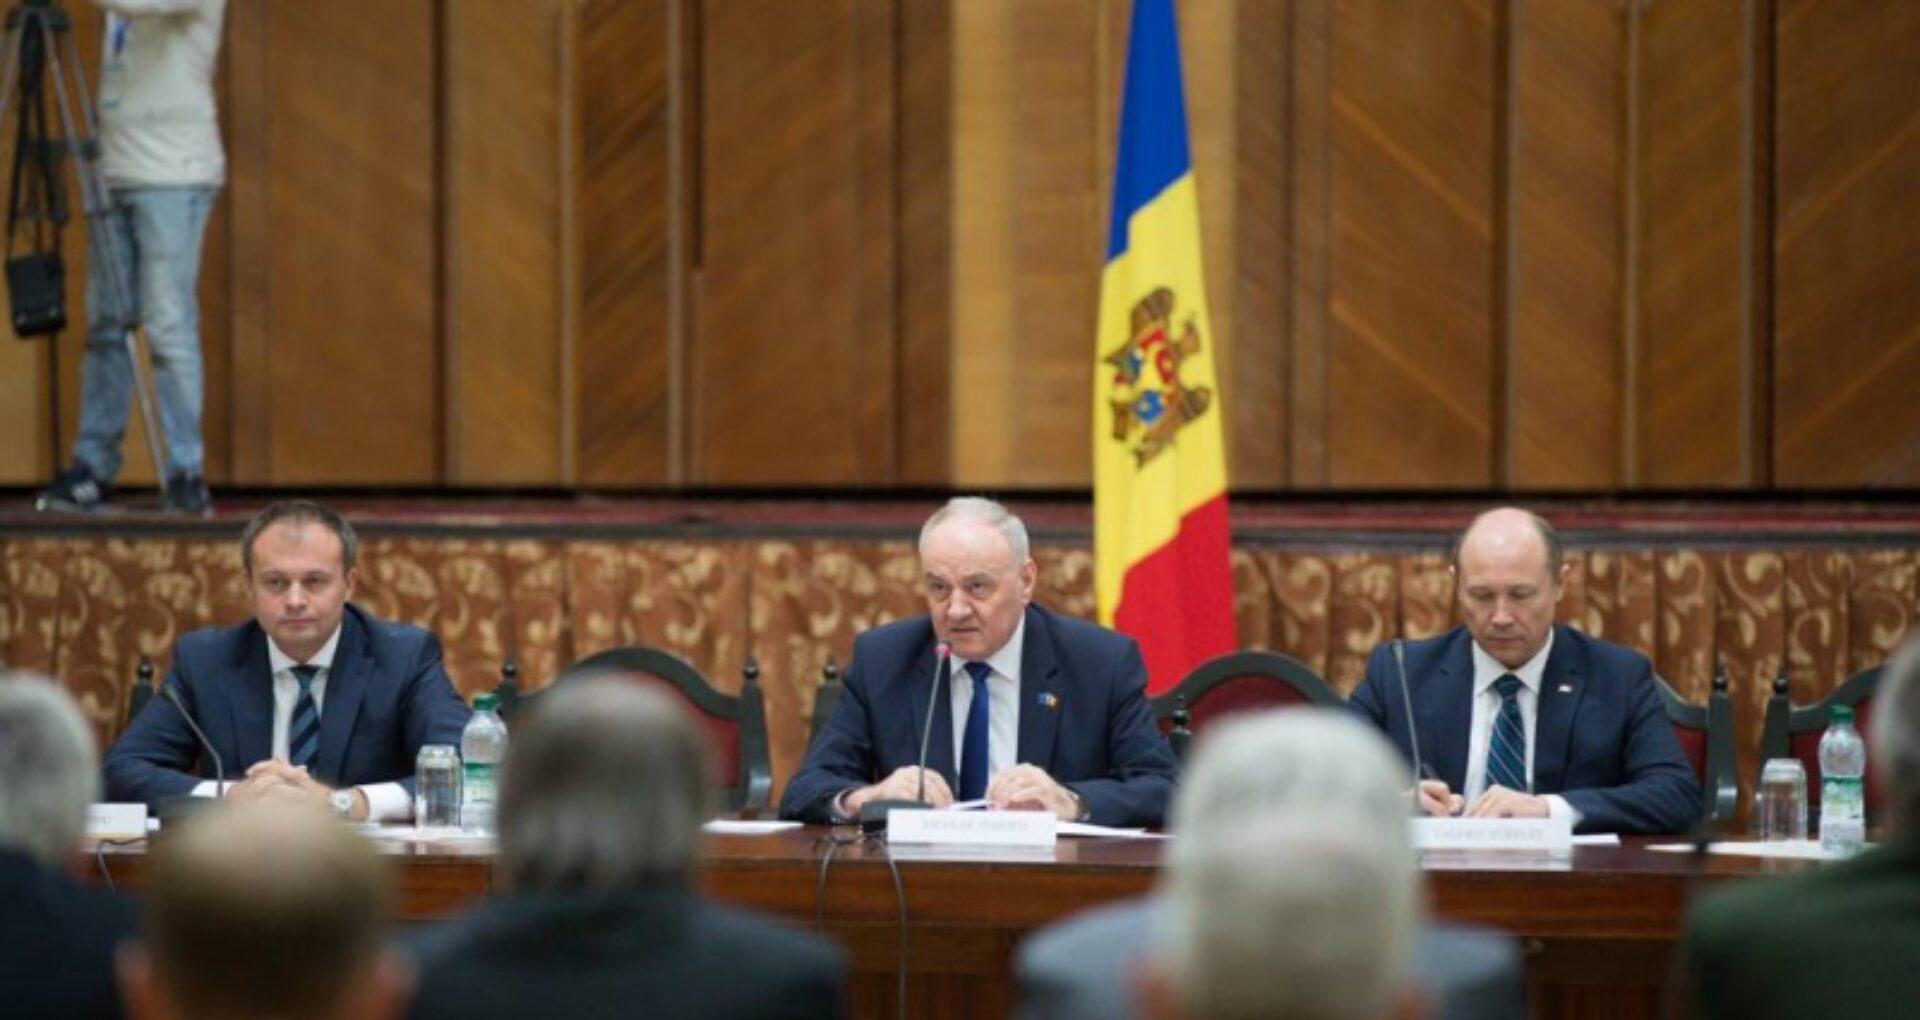 Societatea civilă aduce acuzații dure conducerii statului. Liderii AIE nu acceptă ultimatumuri și alegeri anticipate